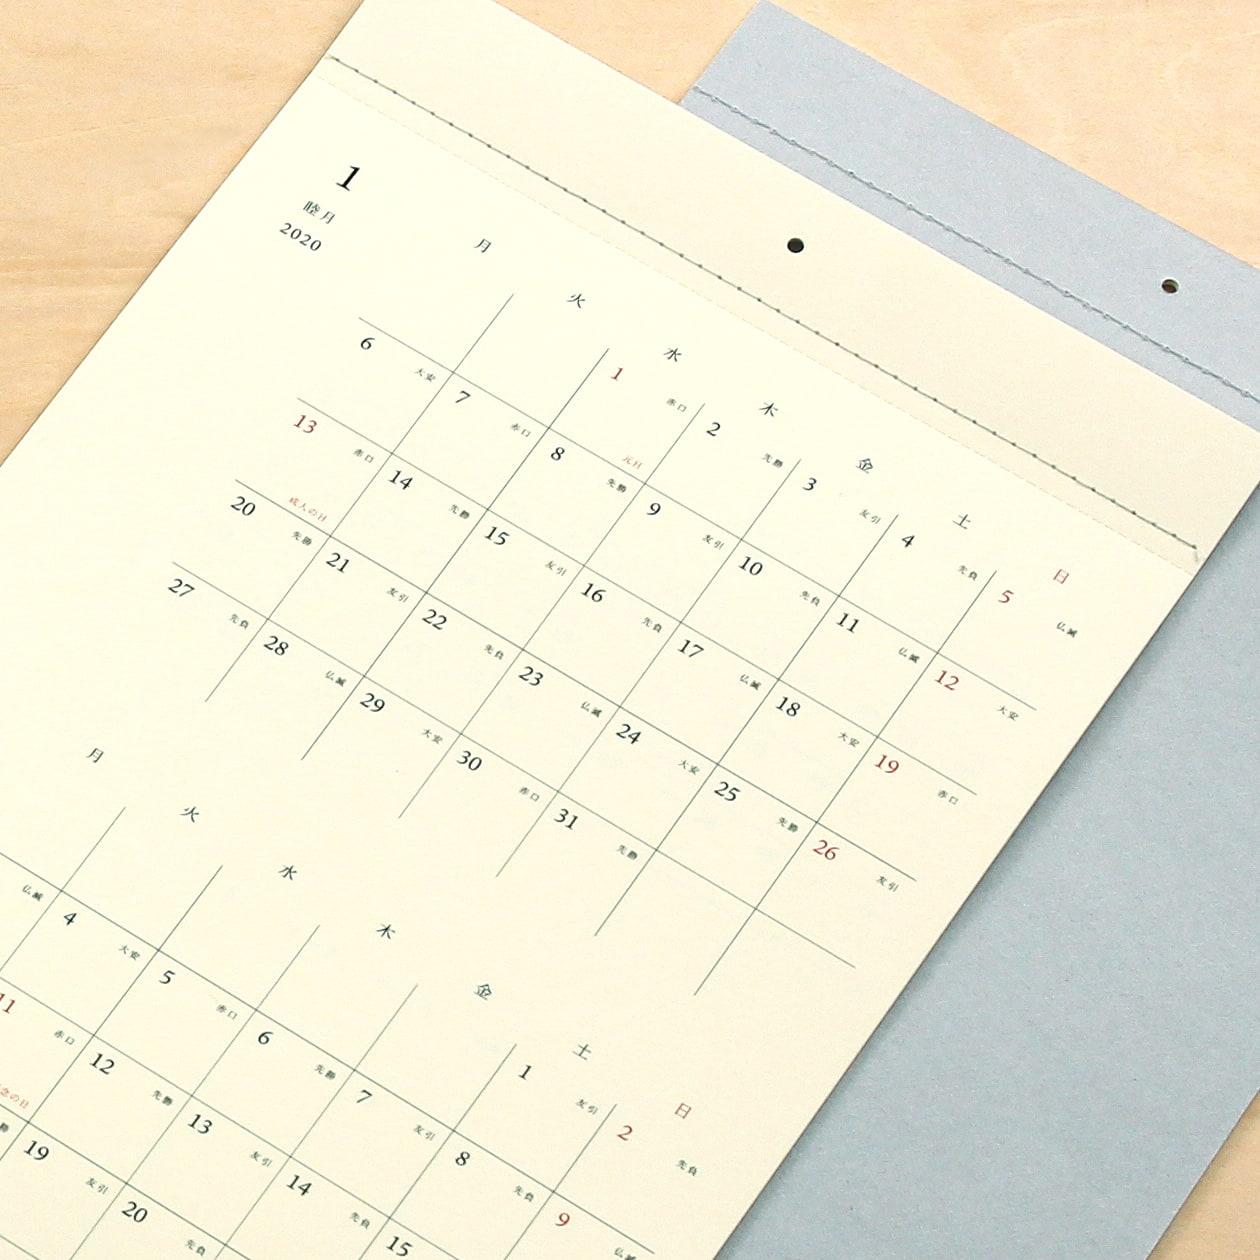 2021年版 壁掛けカレンダー(オリジナルデザイン/名入れ)